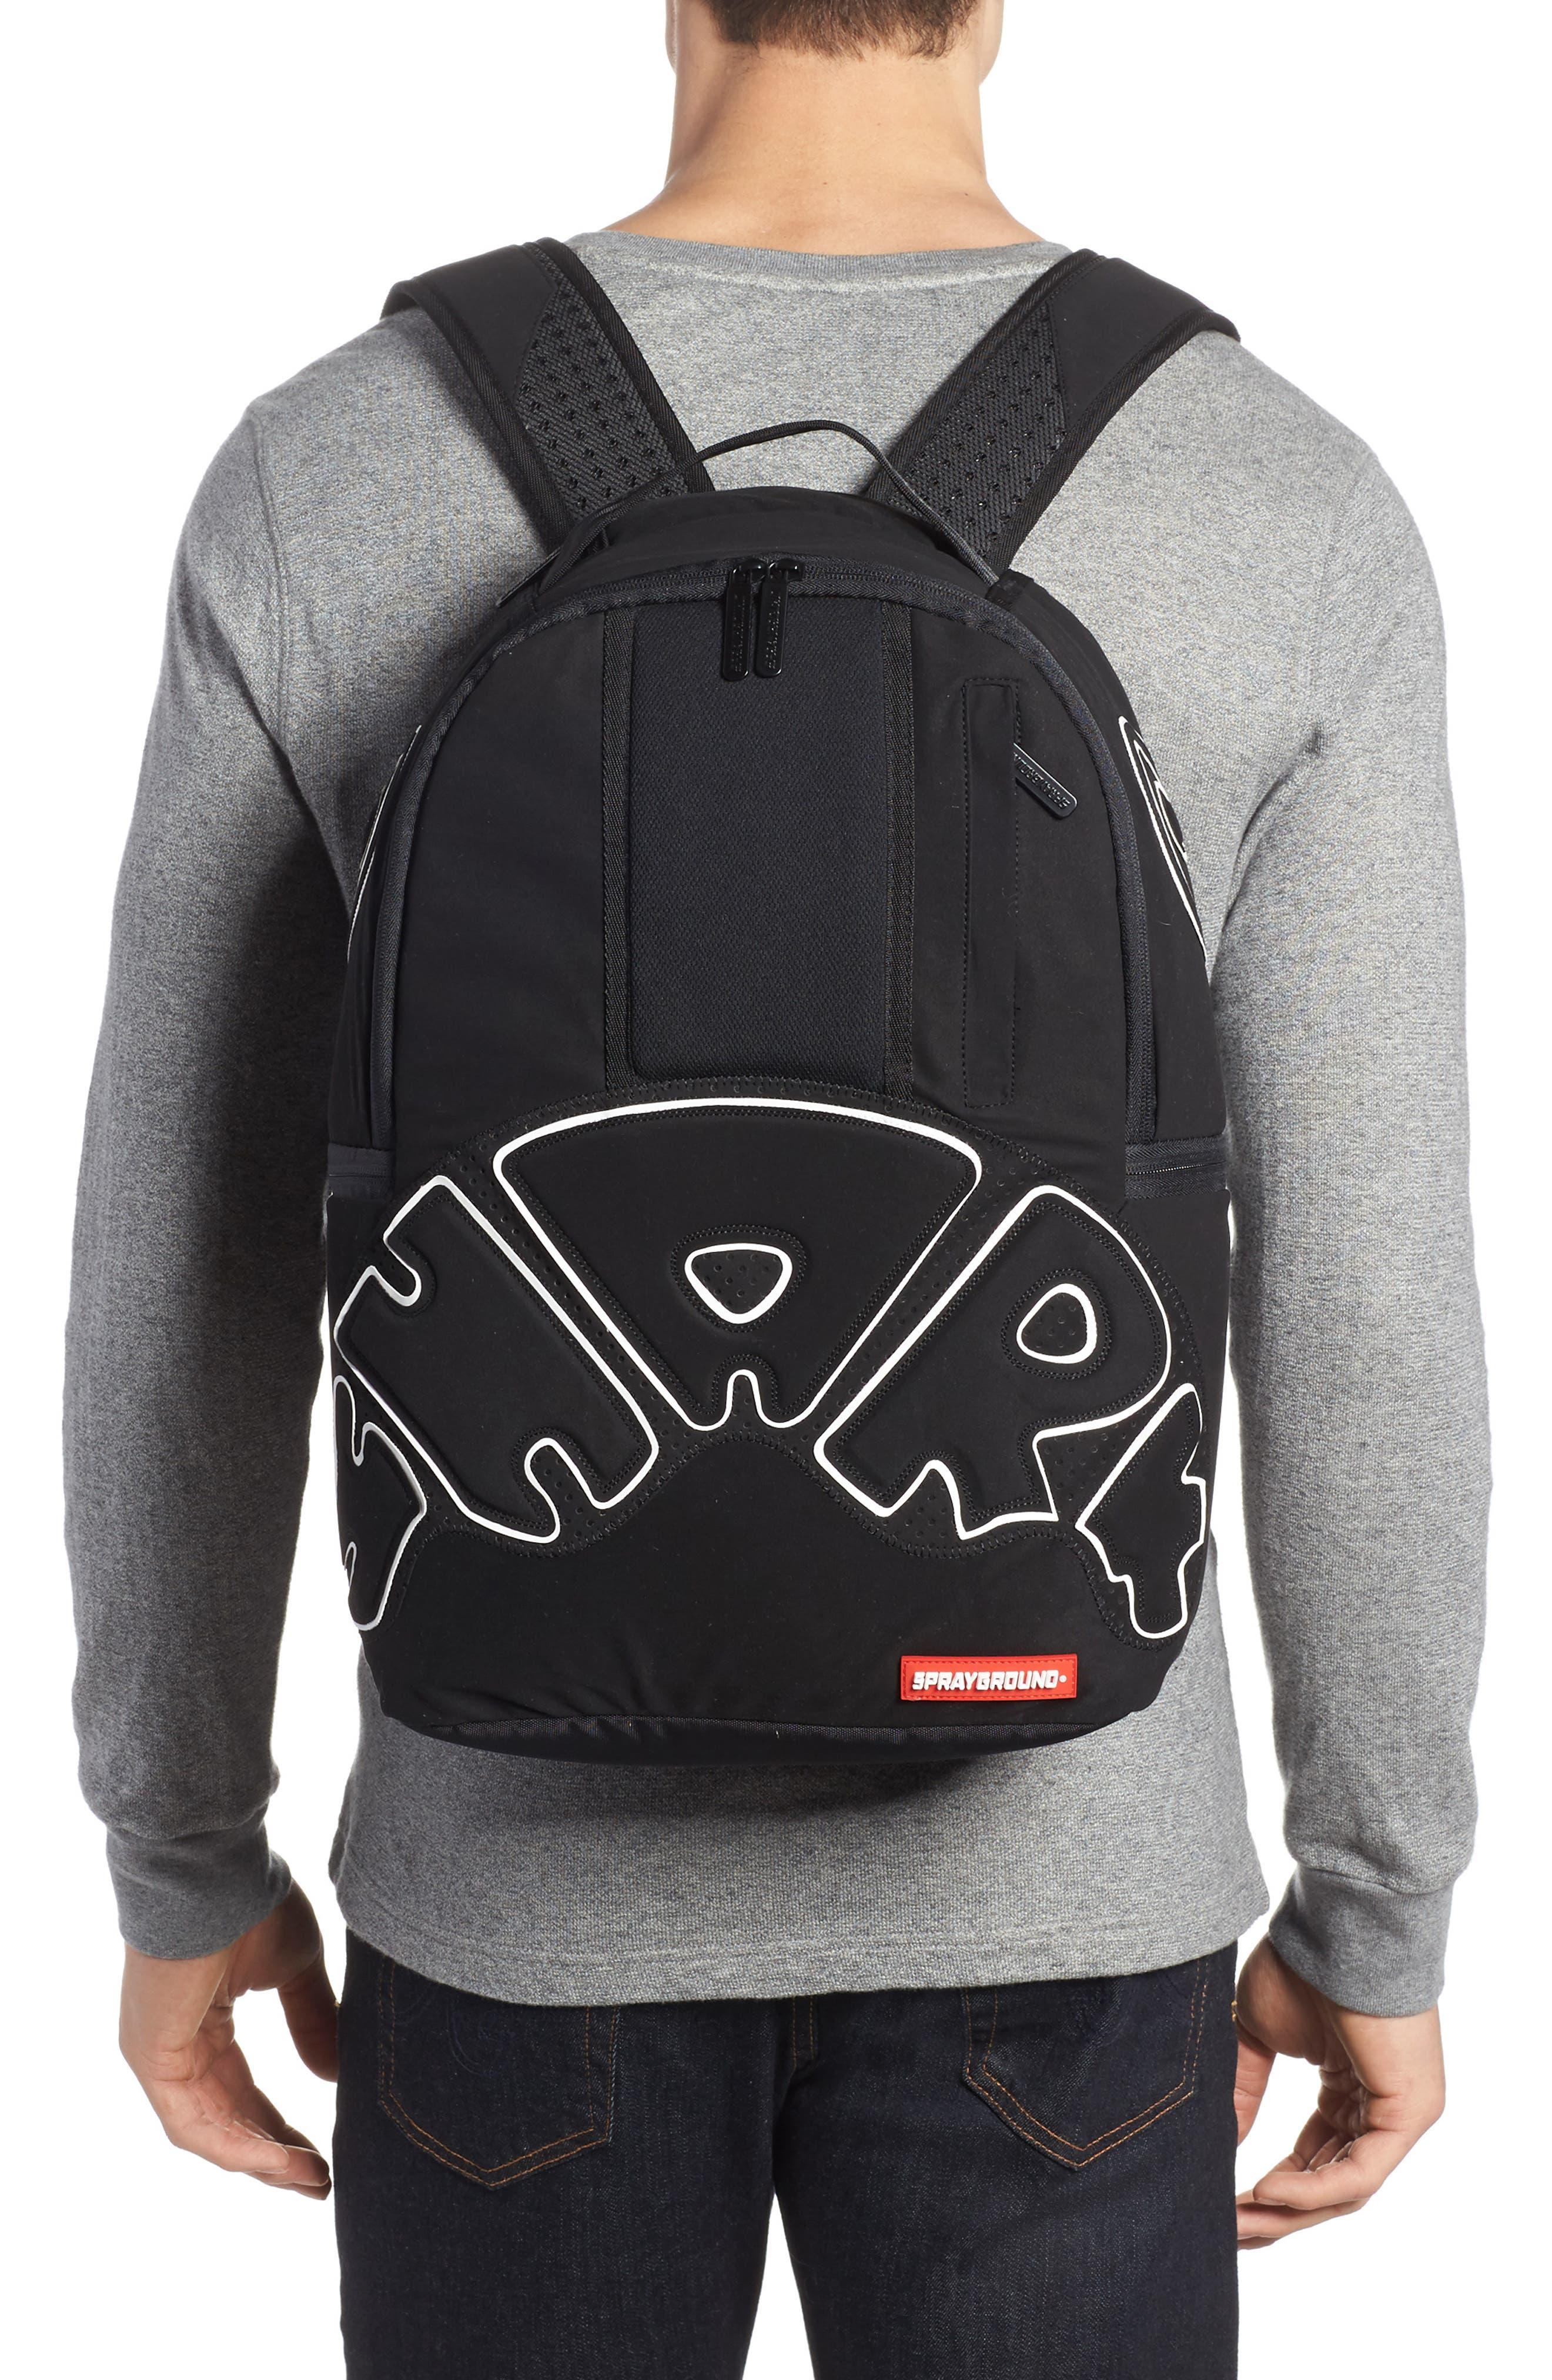 Uptempo Shark Backpack,                             Alternate thumbnail 2, color,